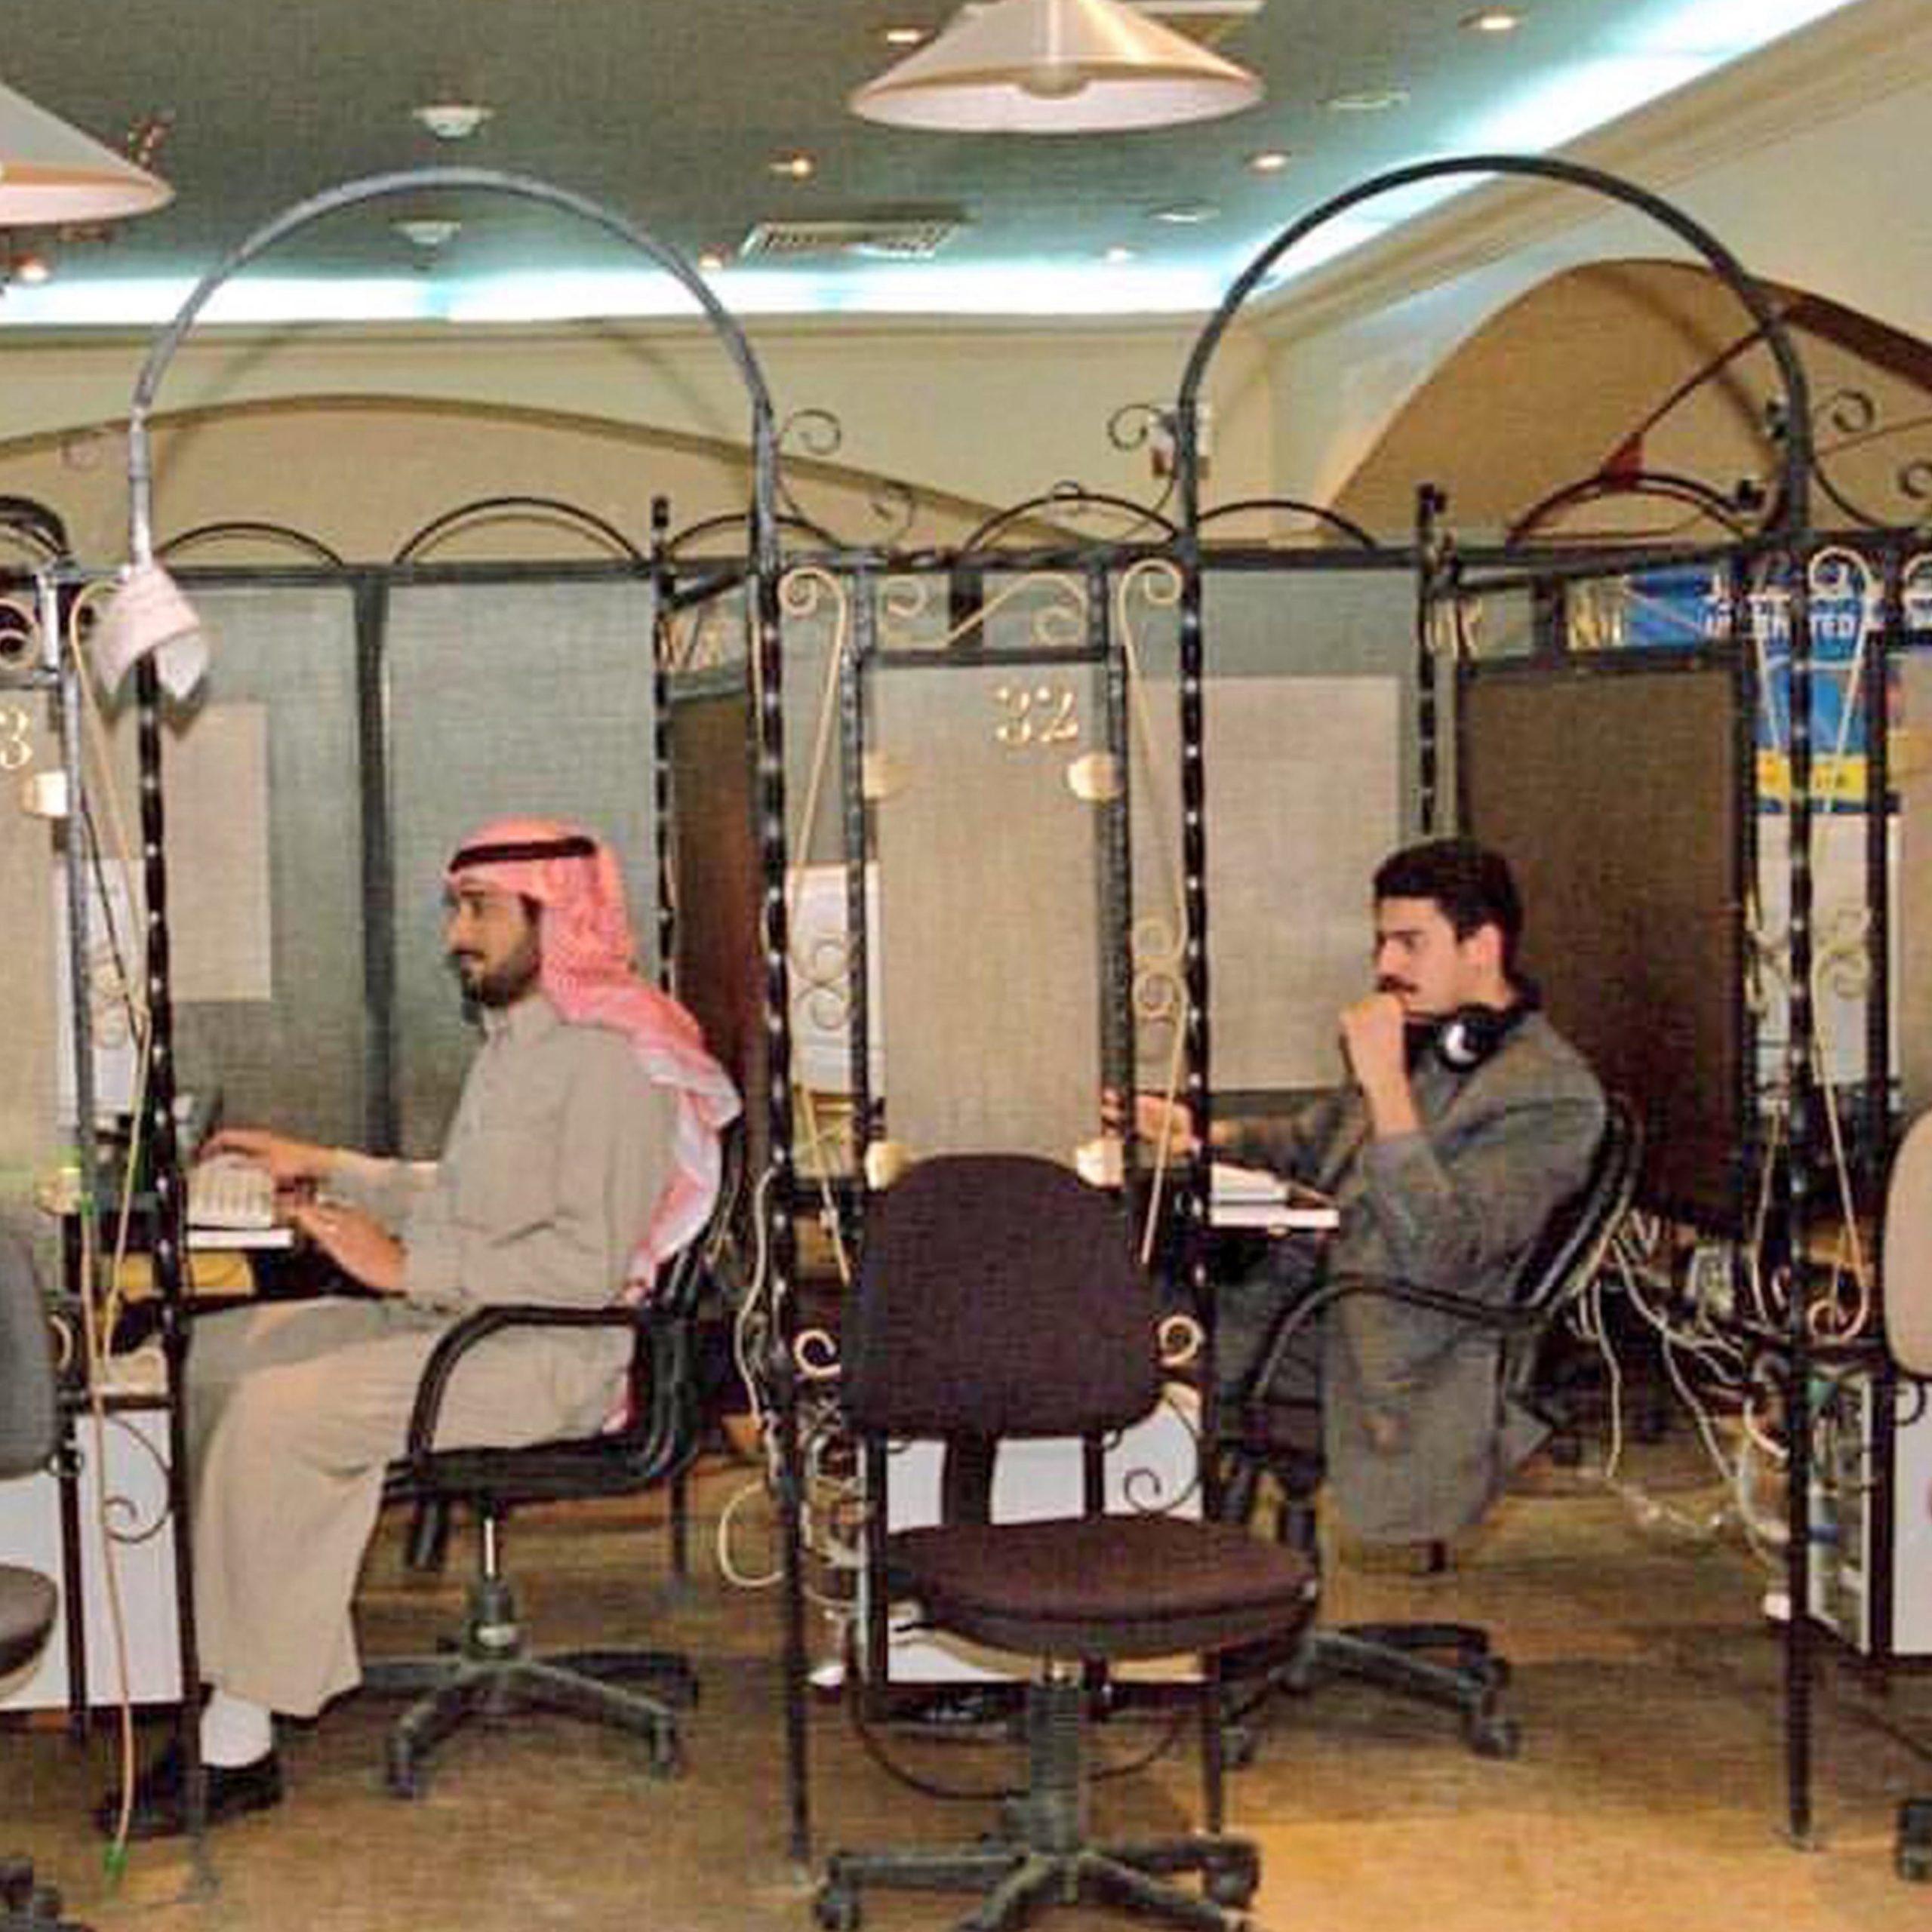 كيف دخل الإنترنت السعودية؟